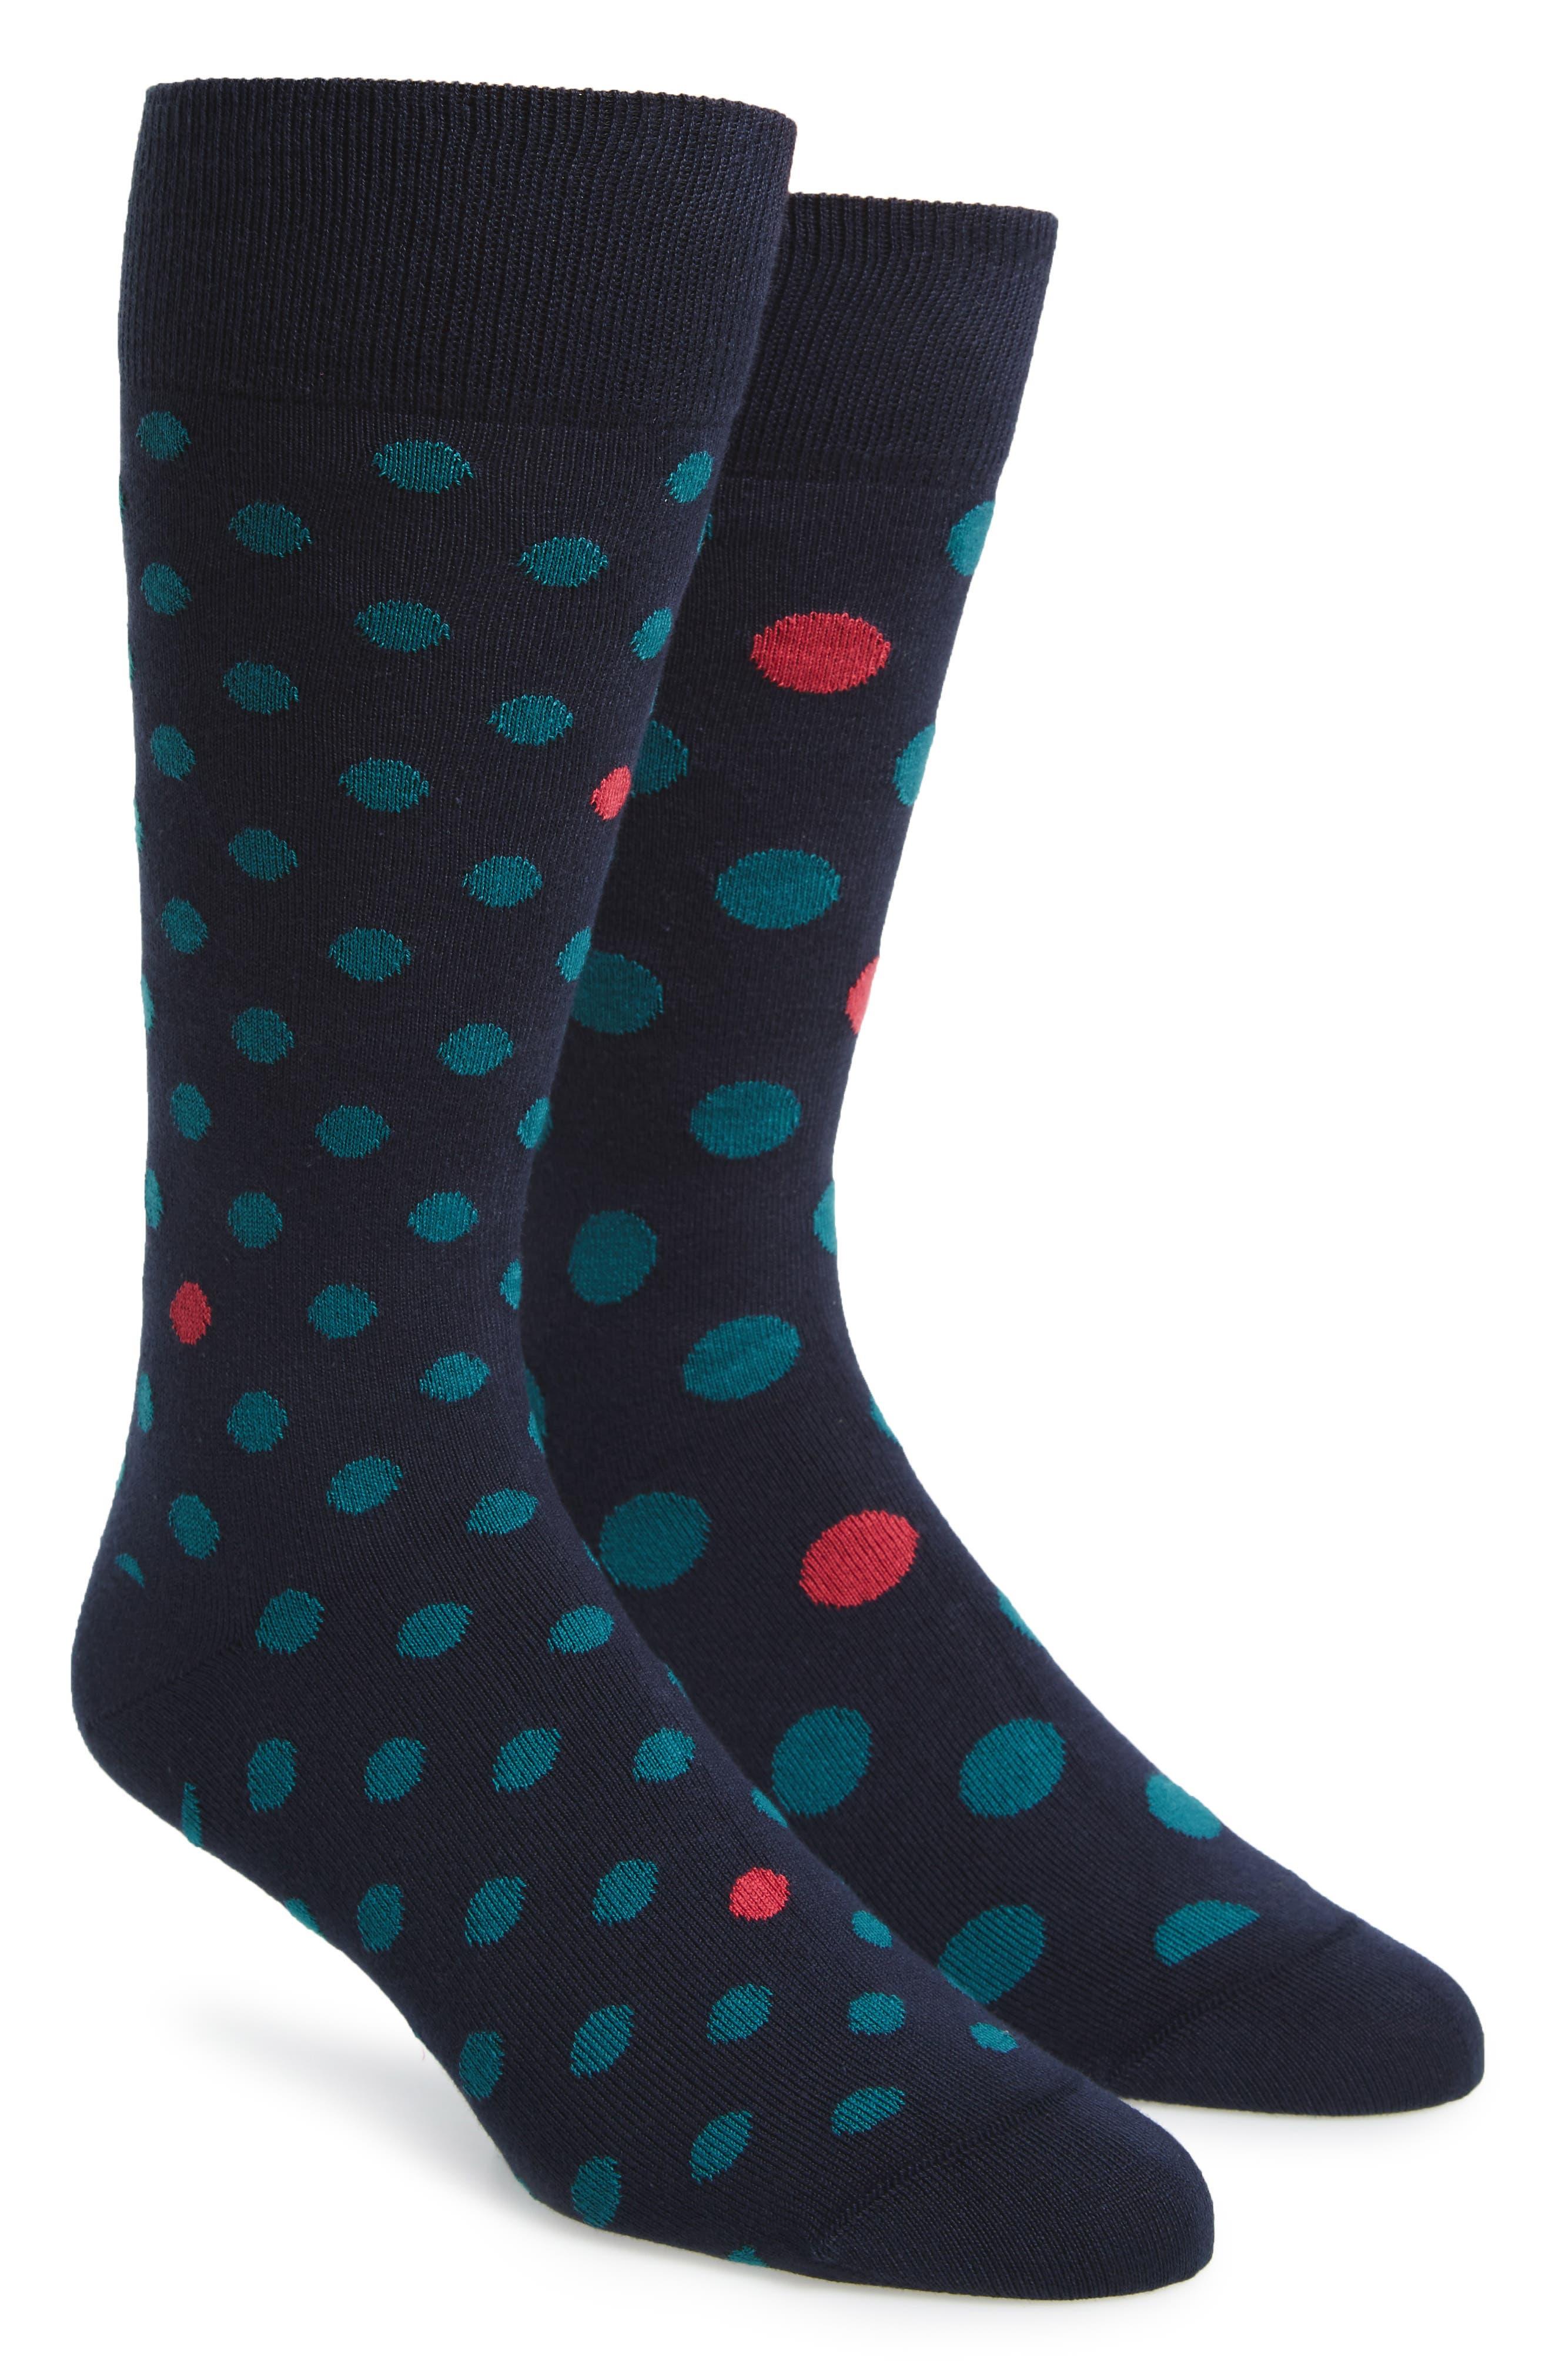 Odd Polka Dot Socks,                         Main,                         color, Blue/ Pink